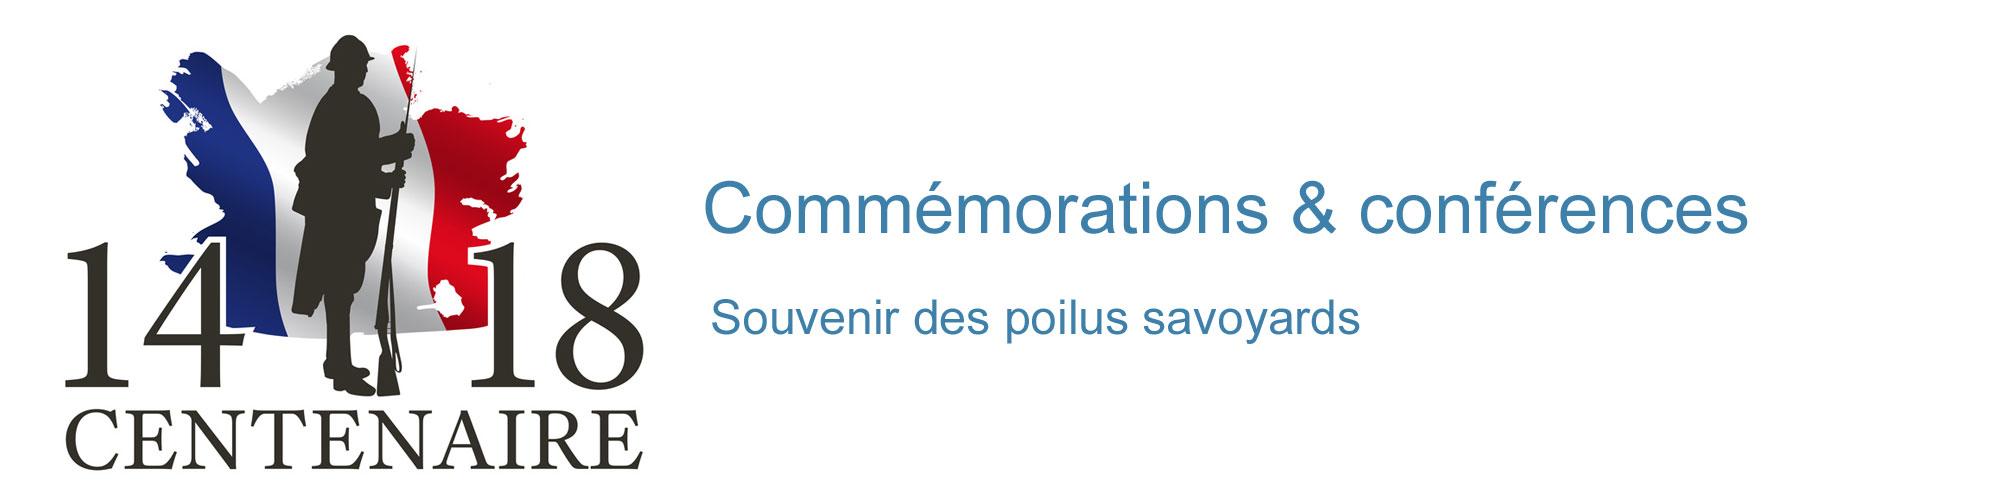 Commémorations guerre 14-18